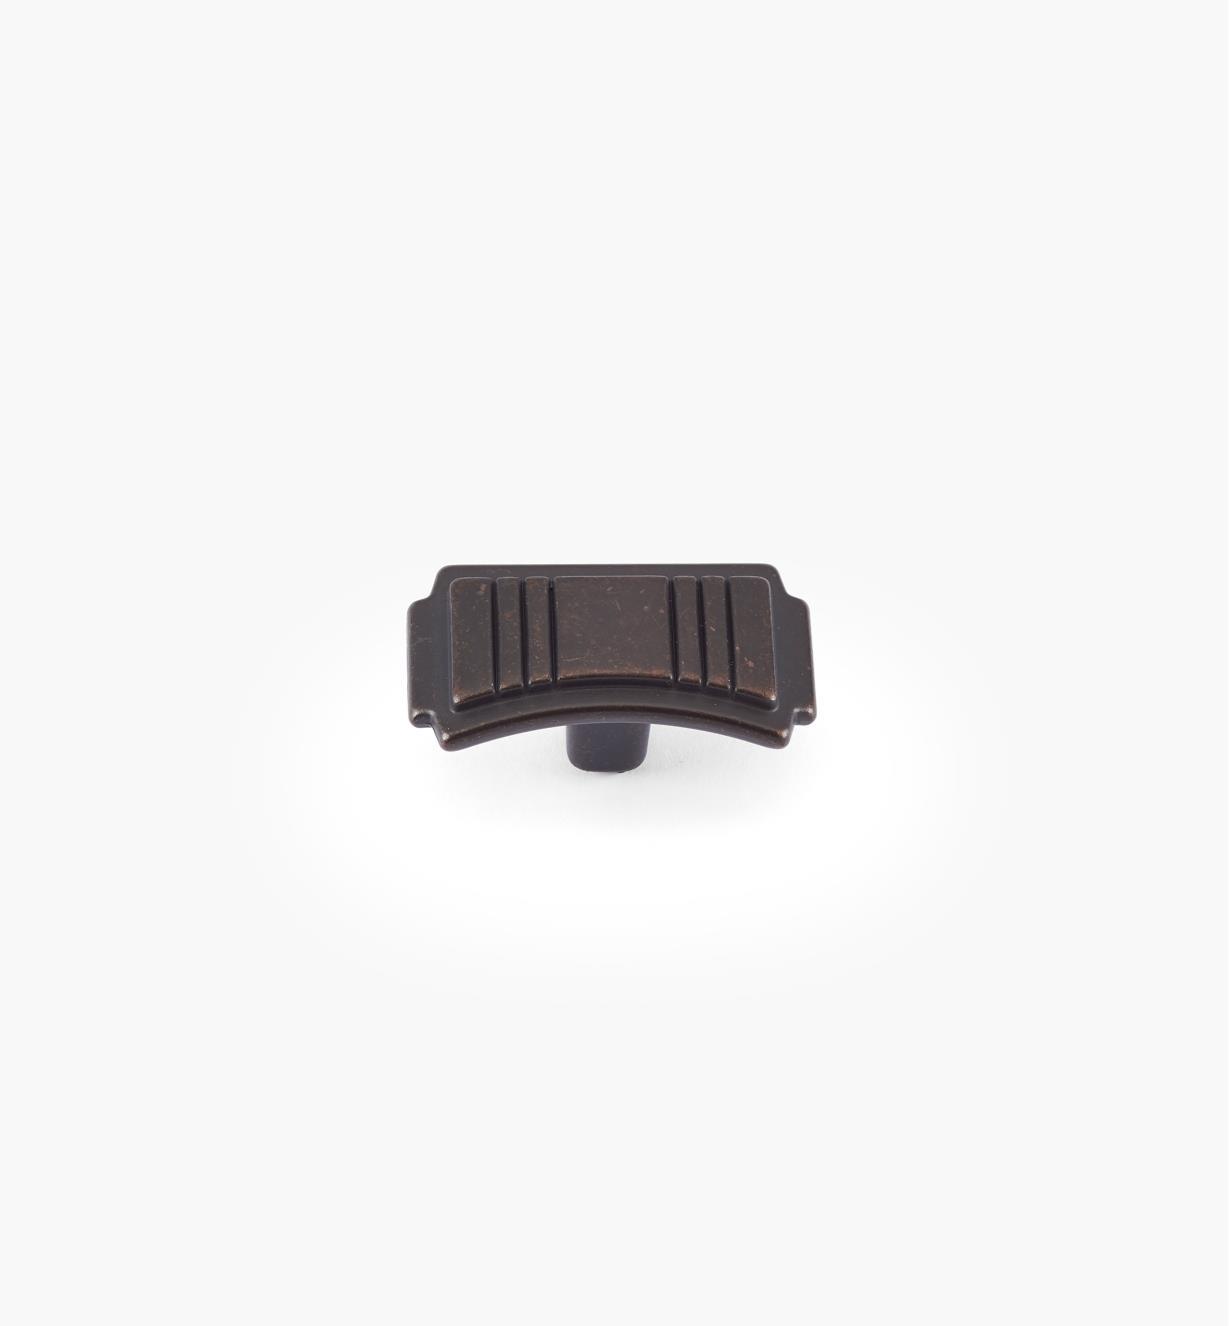 00A7621 - Belair Hardware – Dark Bronze Knob